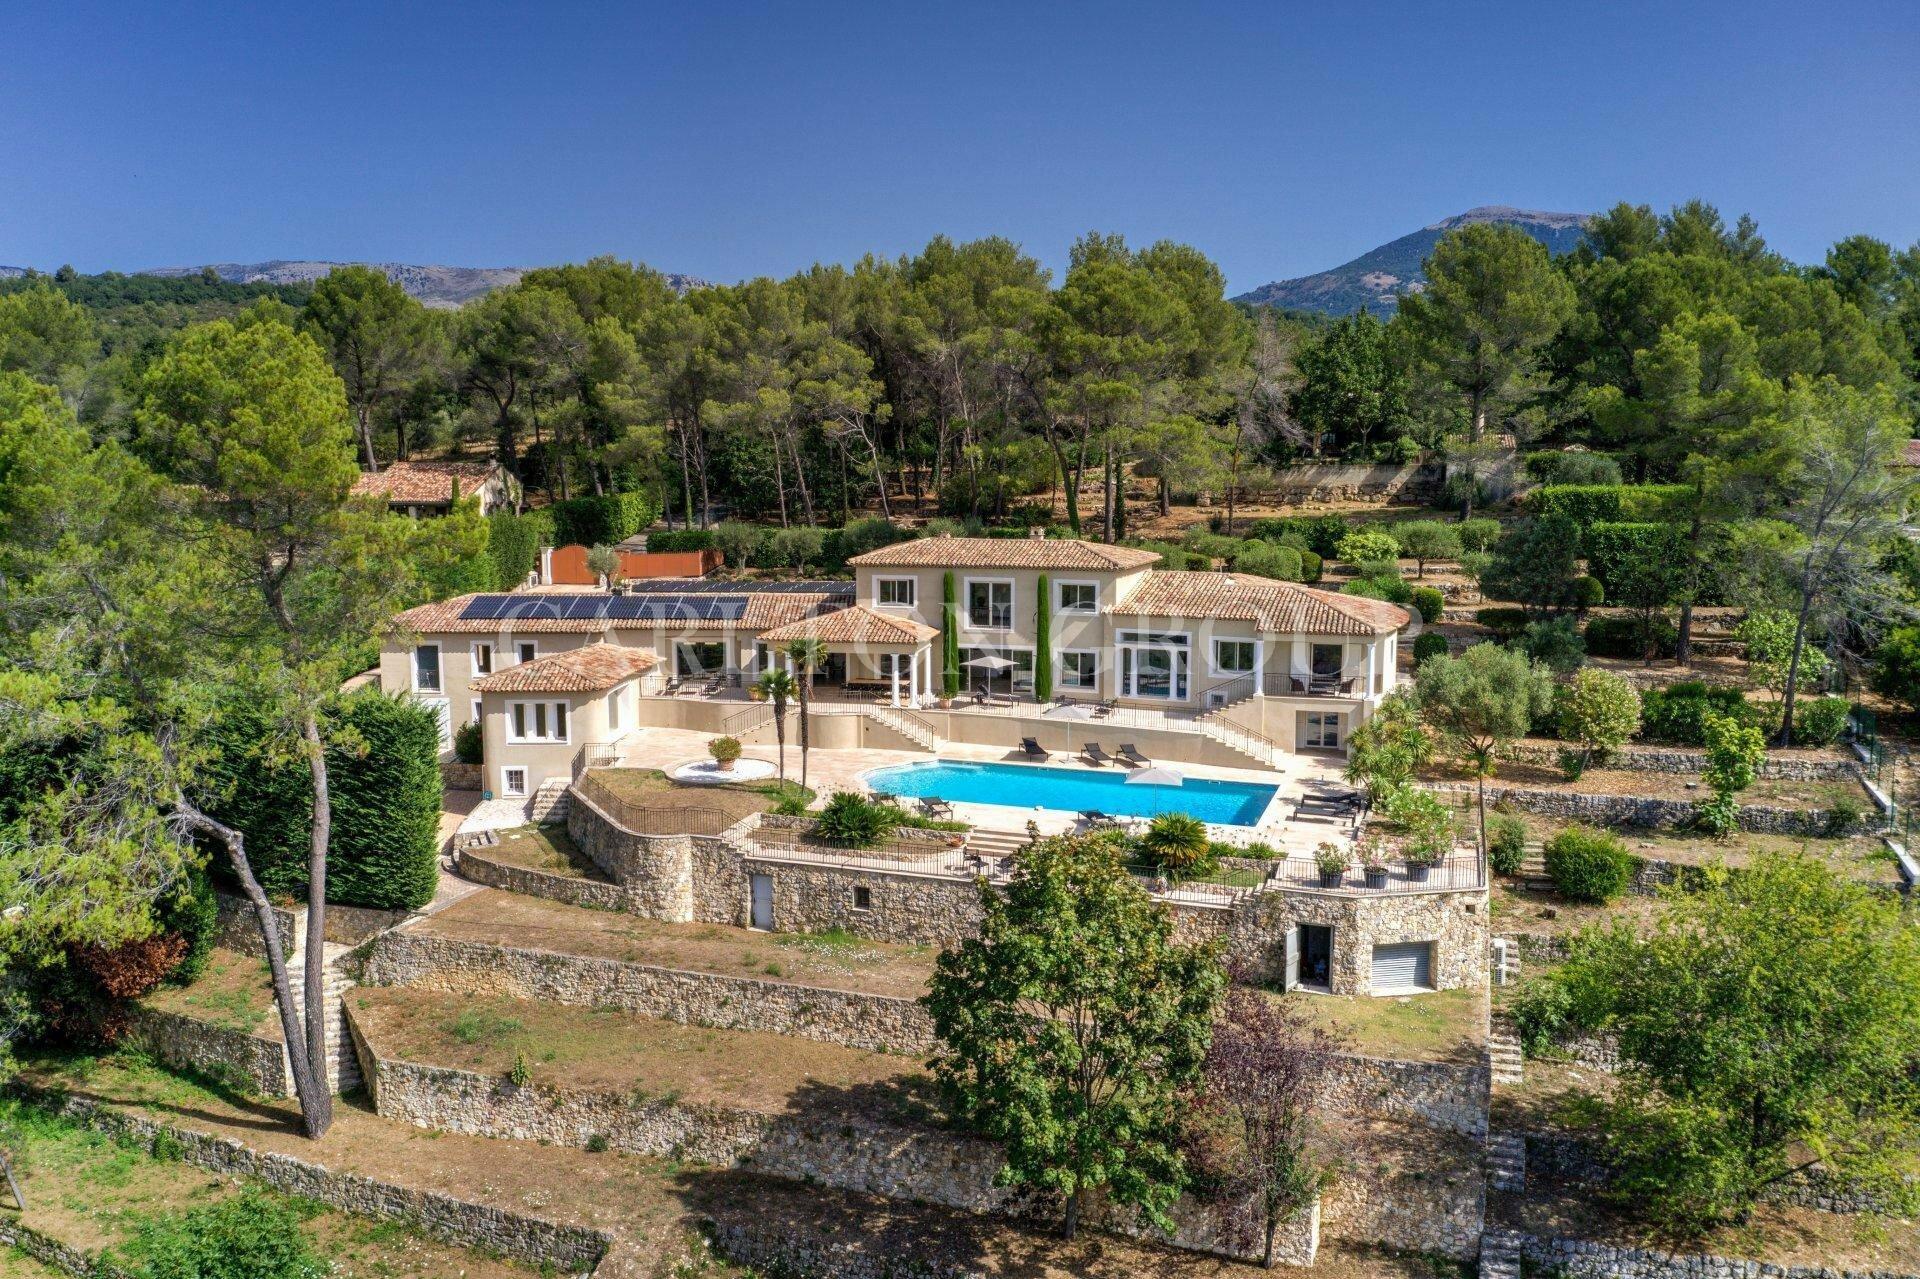 Villa in Le Rouret, Provence-Alpes-Côte d'Azur, France 1 - 11595332